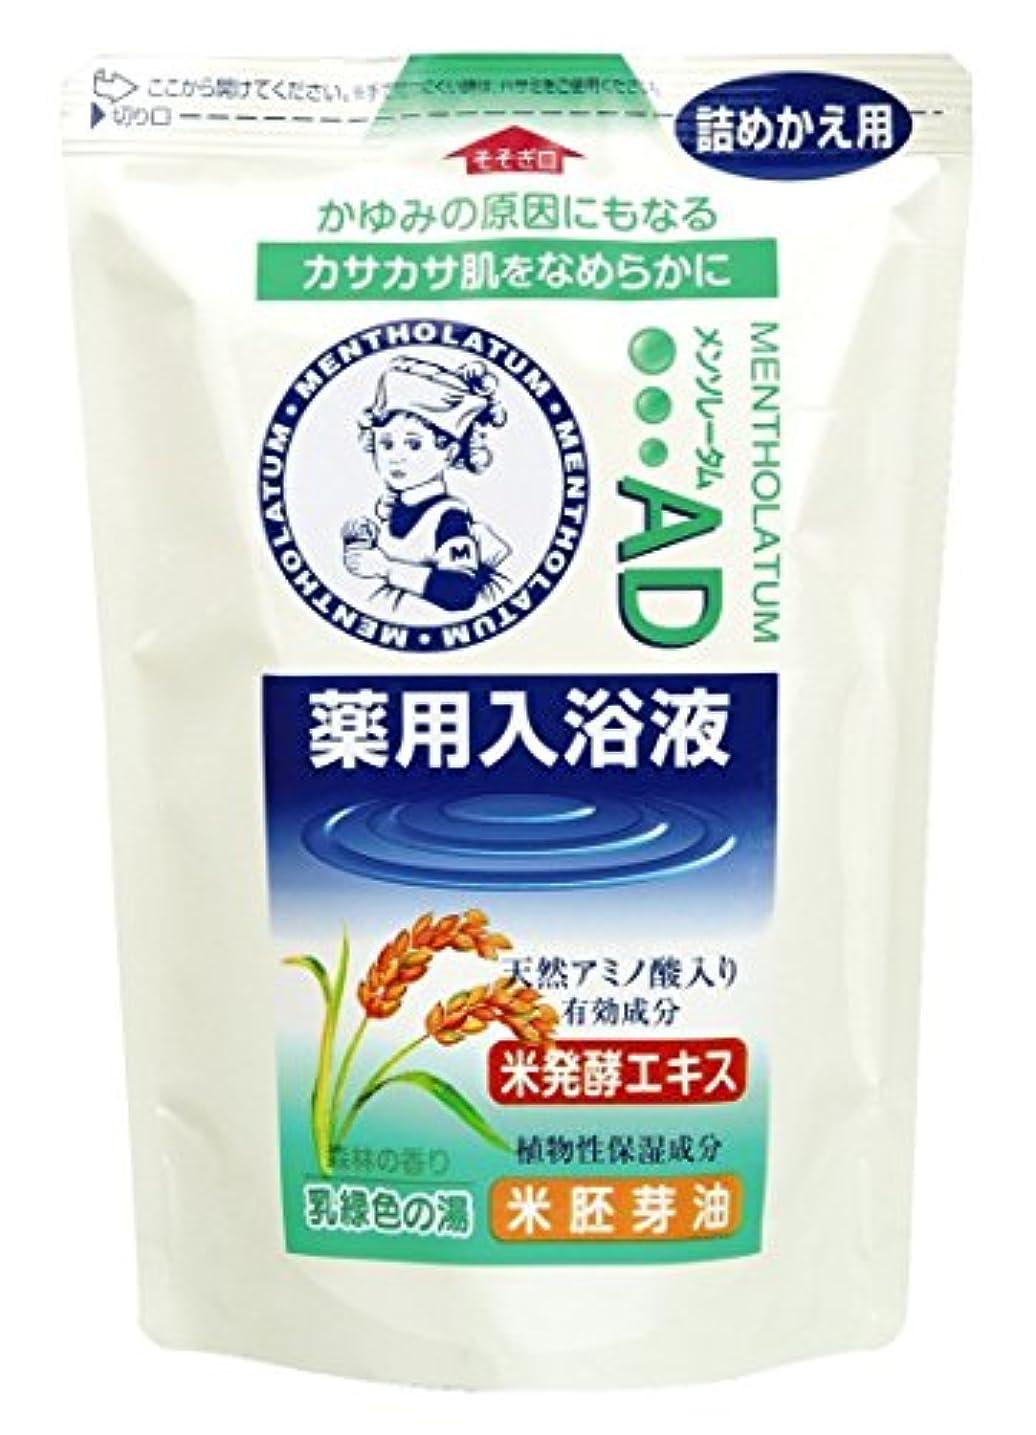 ミシンランク吸収剤メンソレータムAD薬用入浴液 やすらぐ森林の香り(詰替用) 600ml